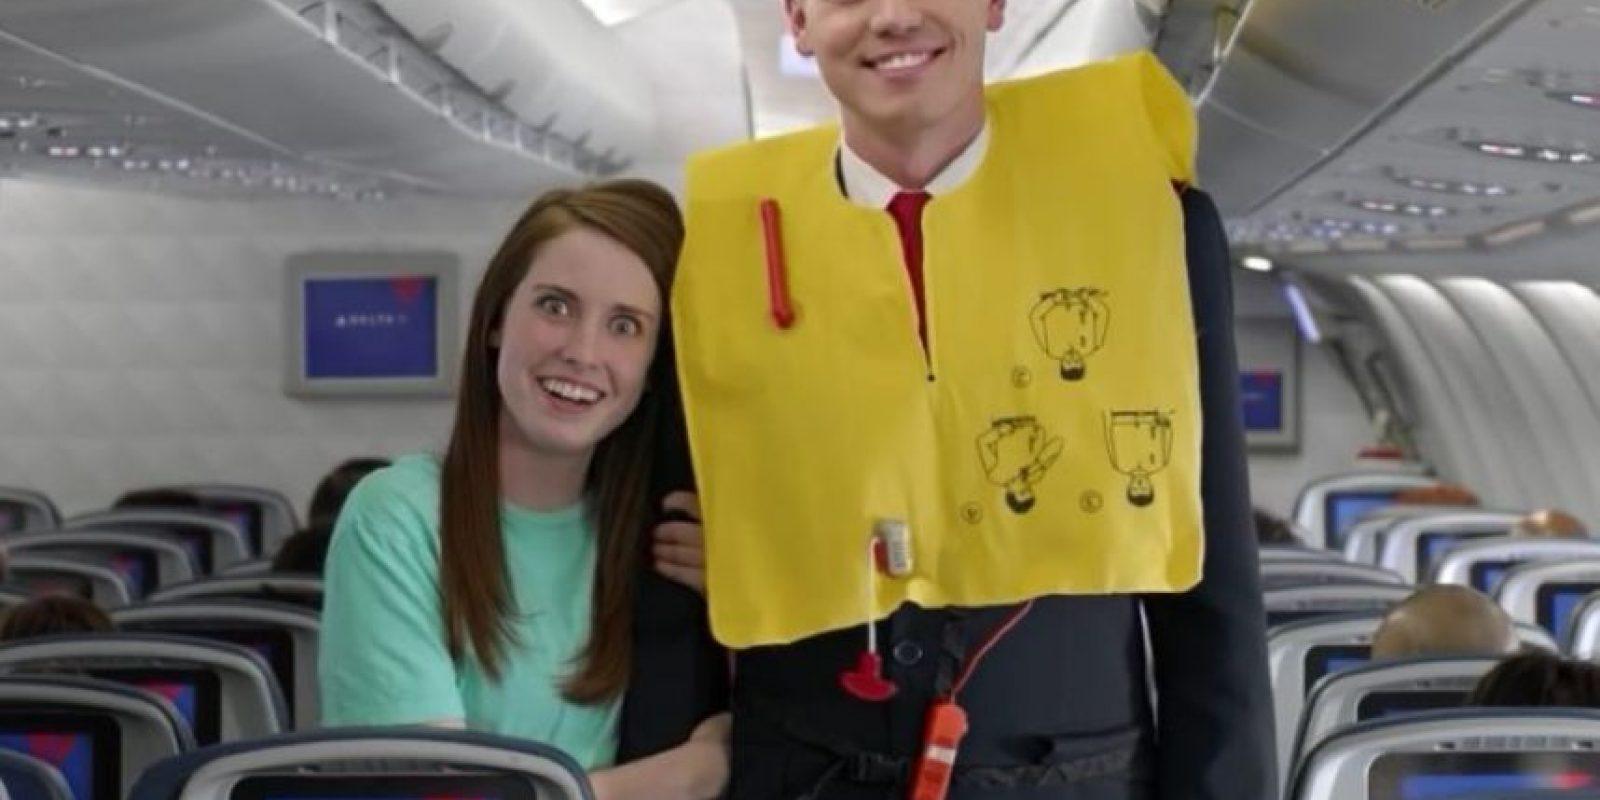 """La novia más celosa del mundo, """"Laina"""", """"La naranja molesta"""" y """"el gato pianista"""" son algunos de los personajes que aparecen en este extraño video de seguridad de la aerolínea Delta. Foto:Vía Youtube"""